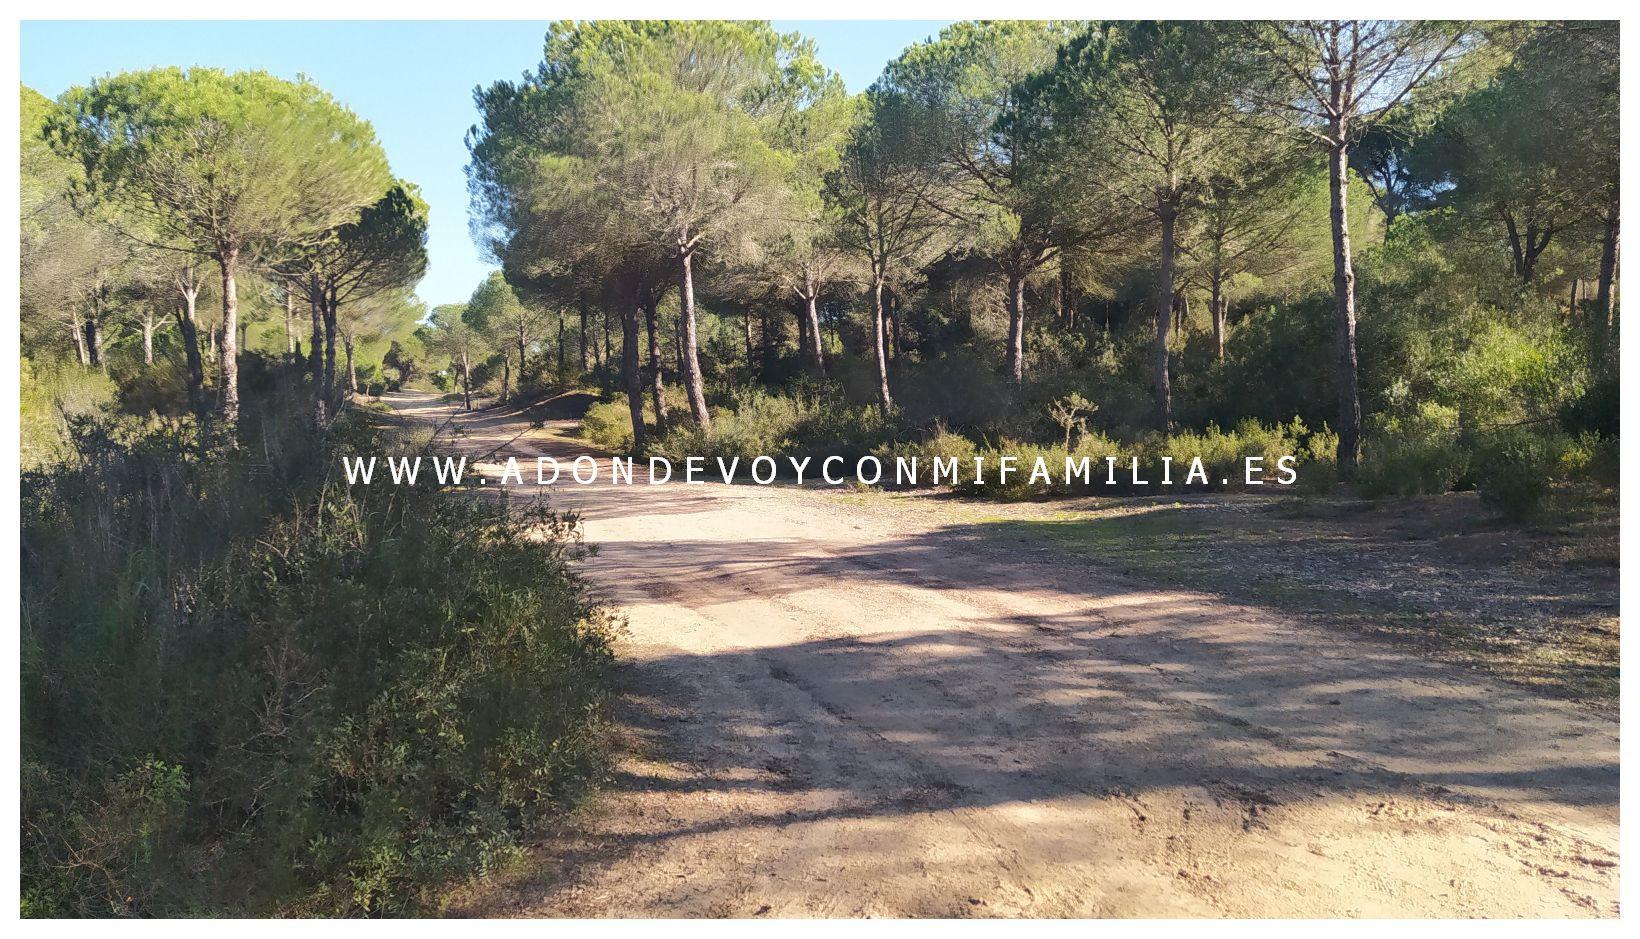 sendero-cerro-del-aguila-pinar-de-la-algaida-sanlucar-adondevoyconmifamilia-47